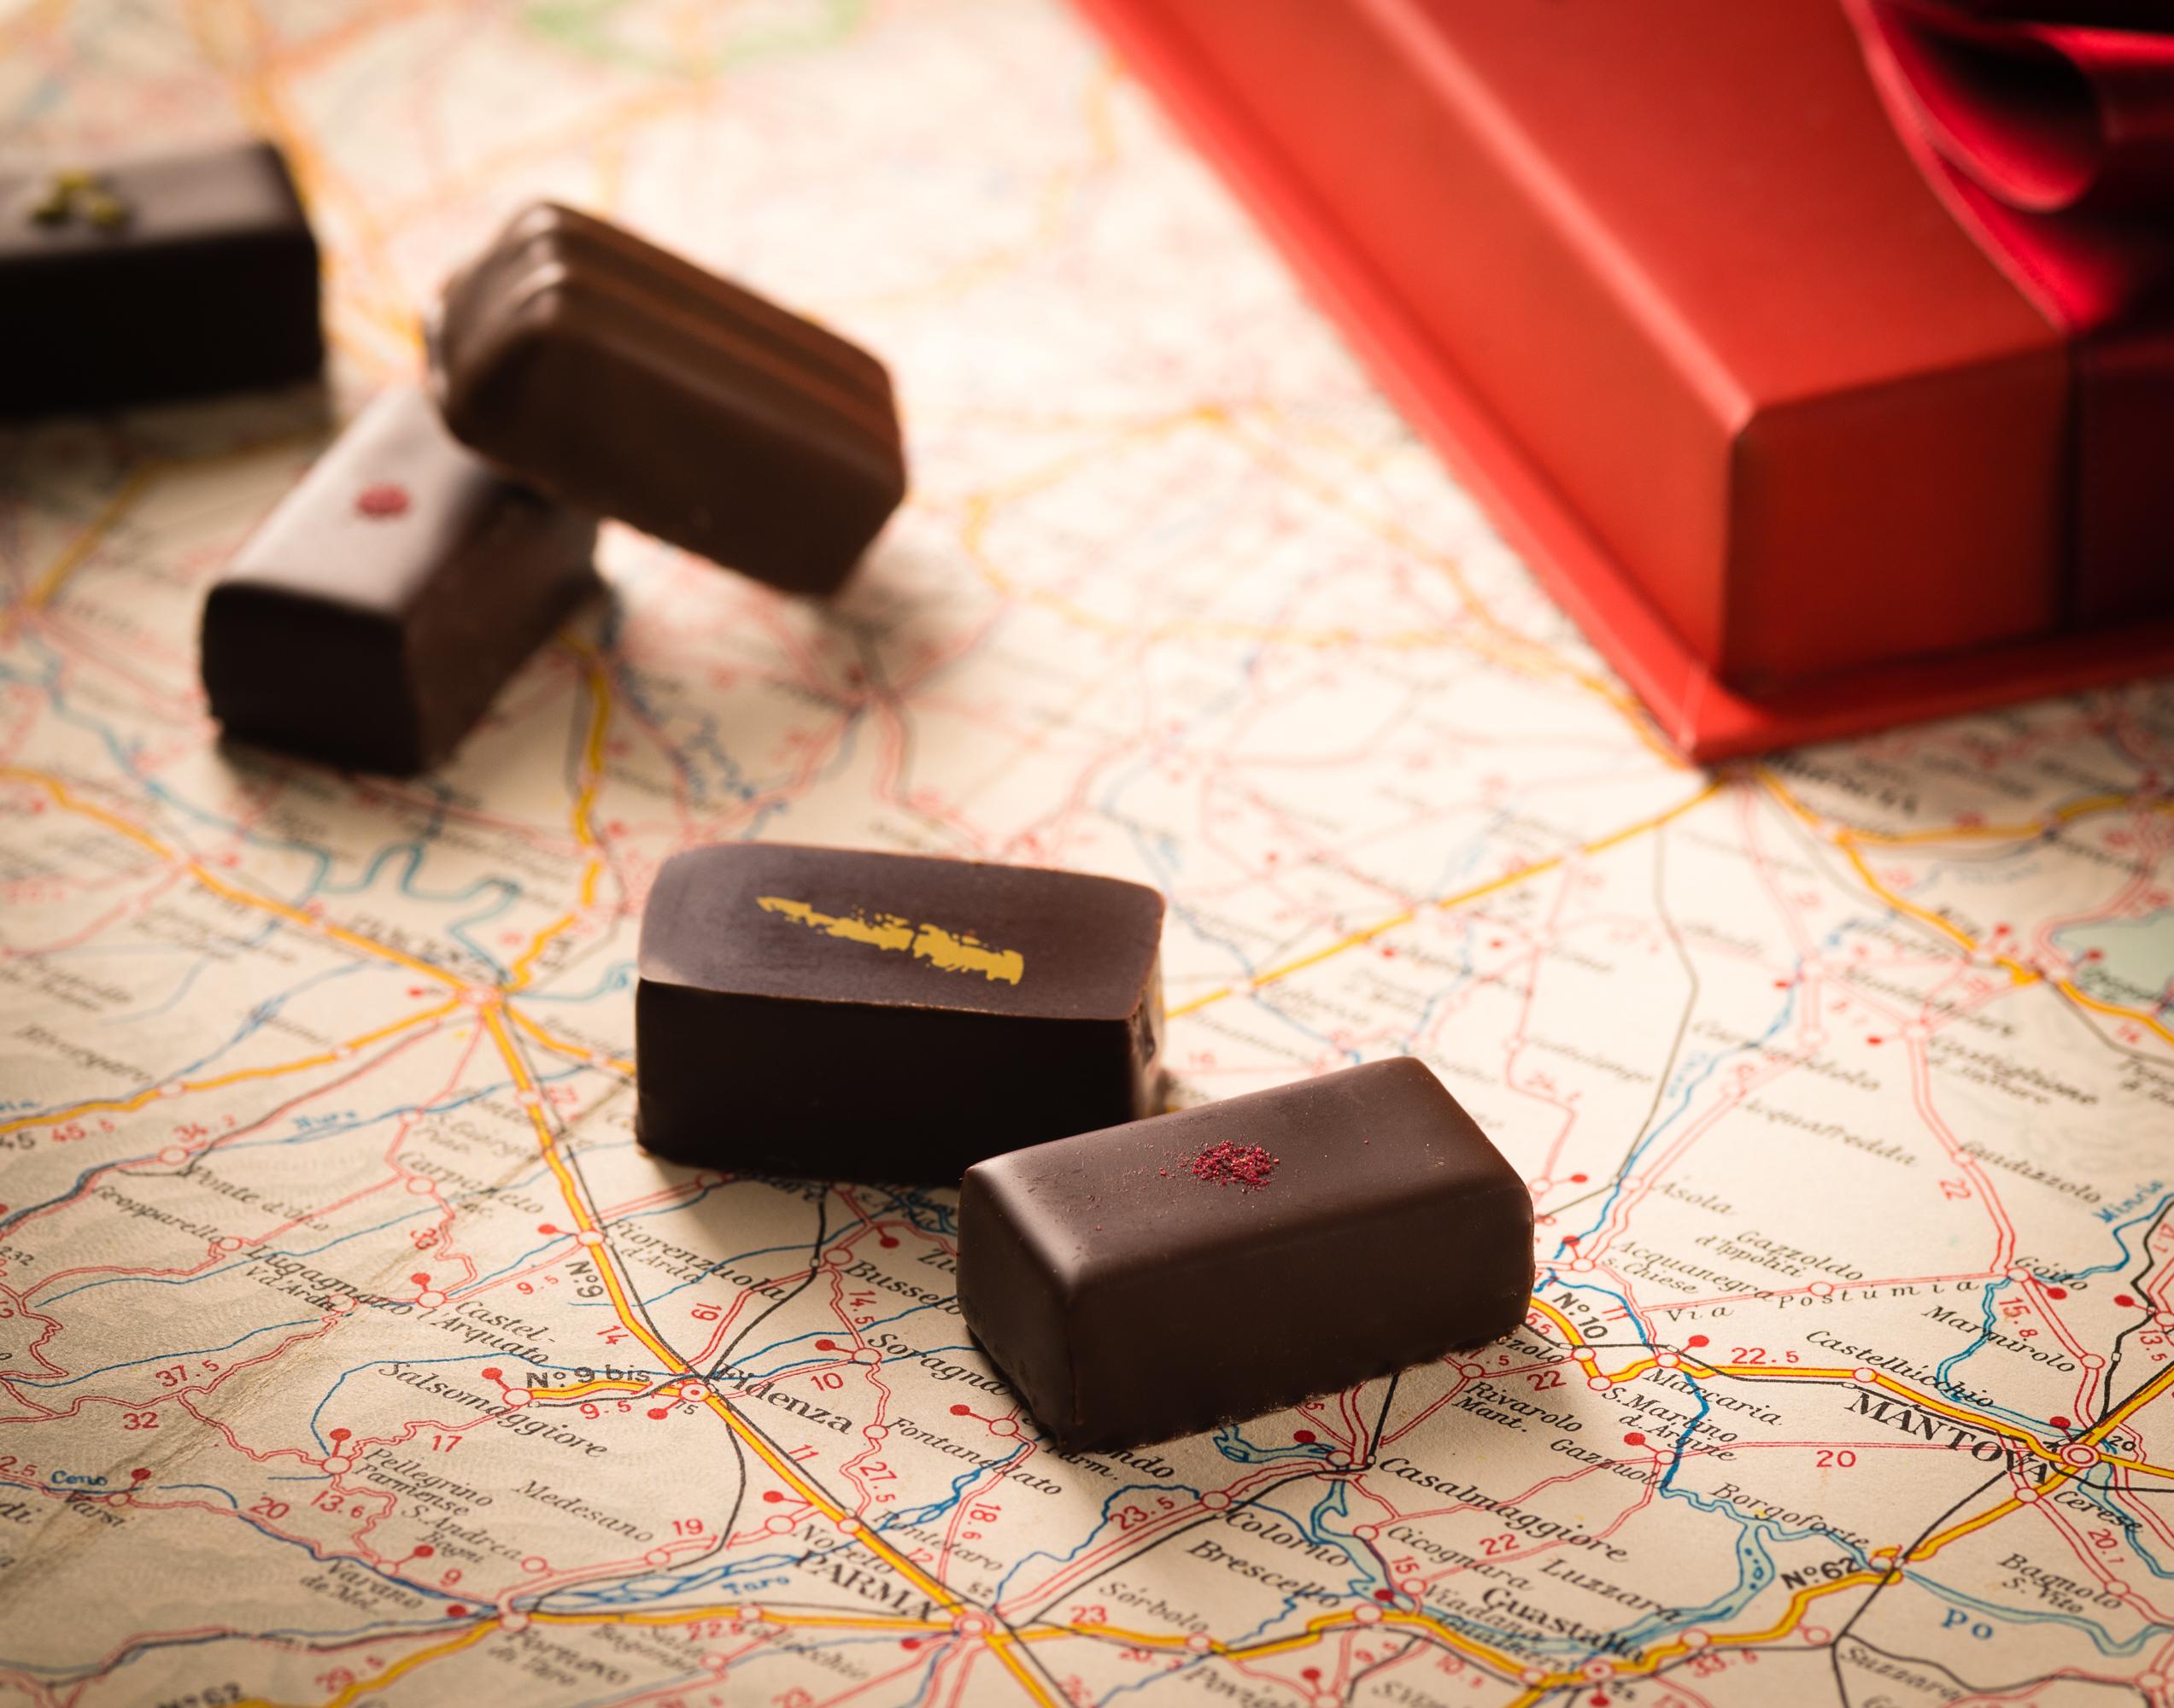 チョコレートを買いに行く。